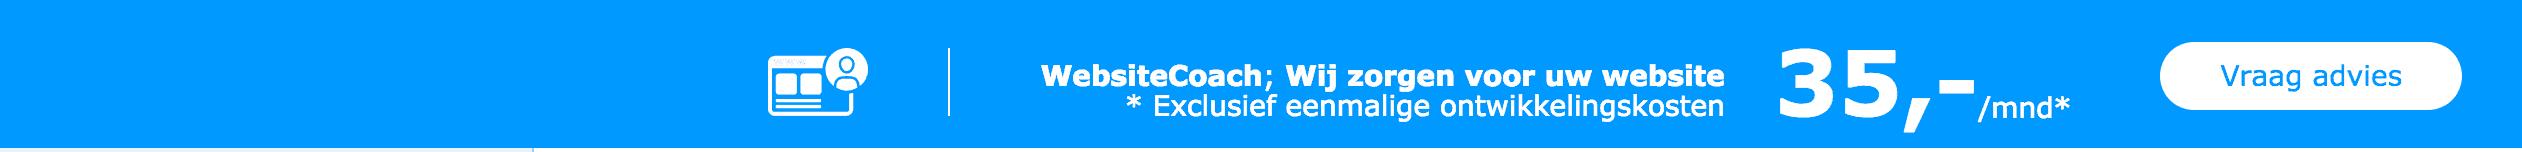 Bedrag KPN WebsiteCoach